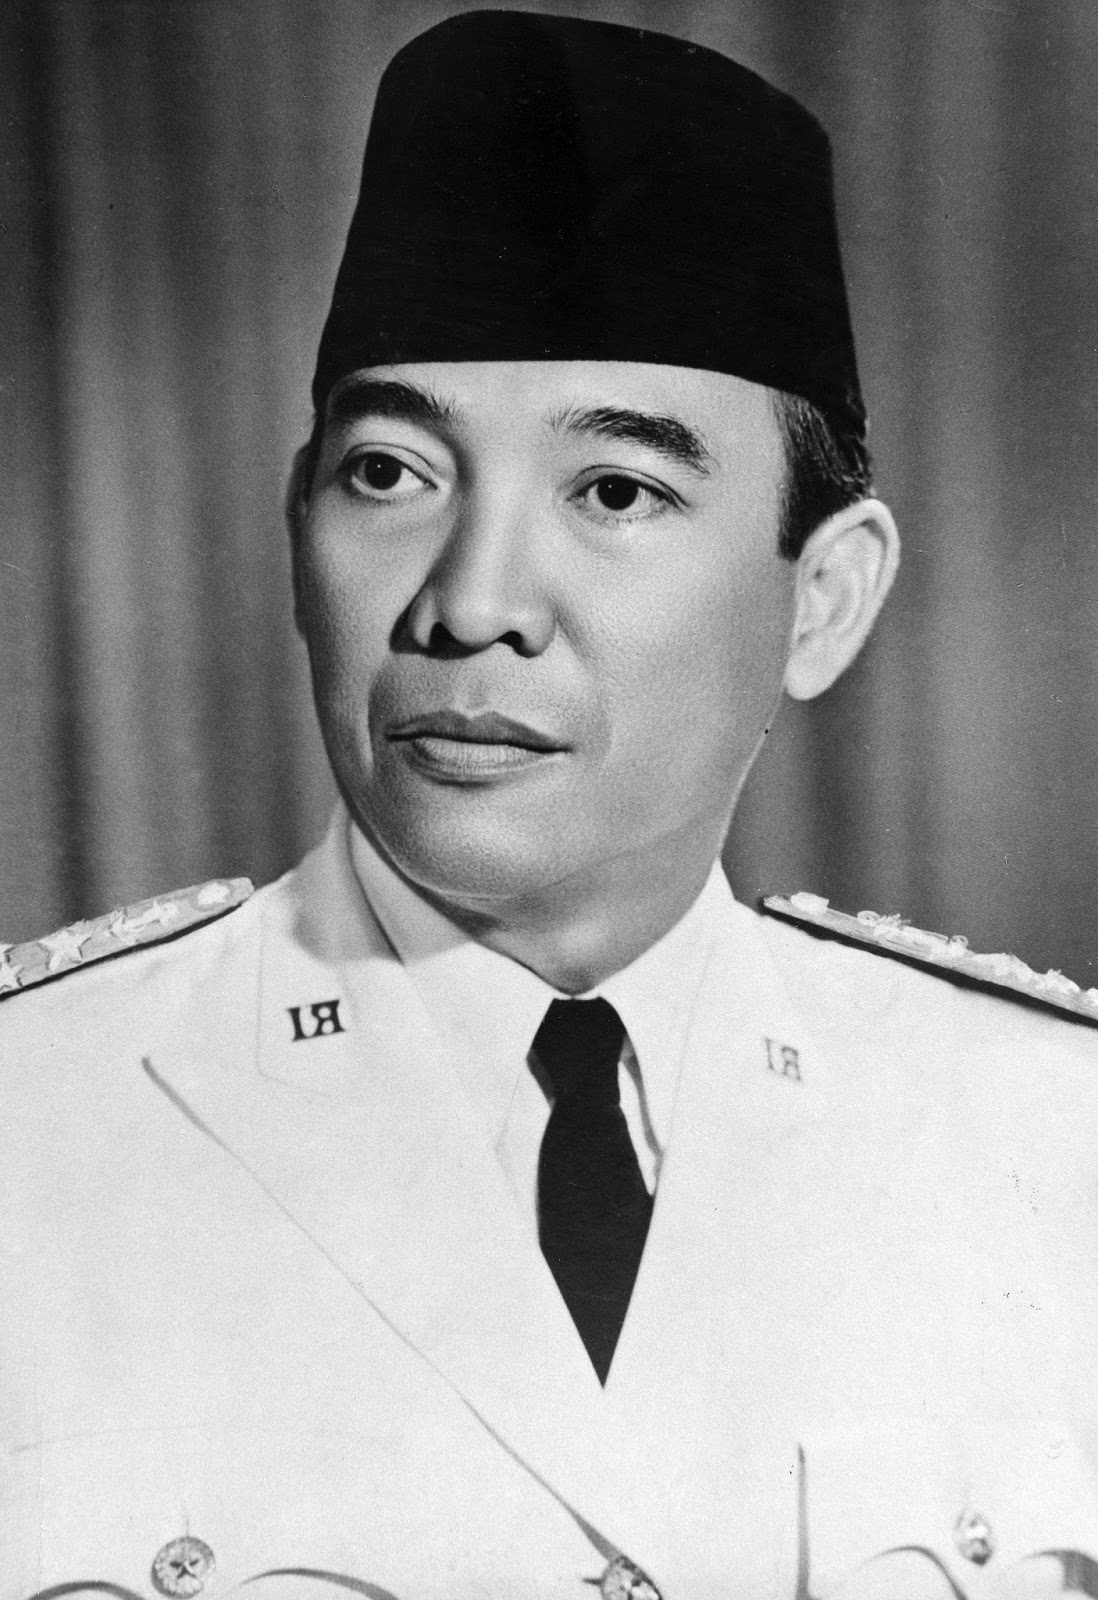 Biografi Presiden Soekarno Singkat Dan Lengkap